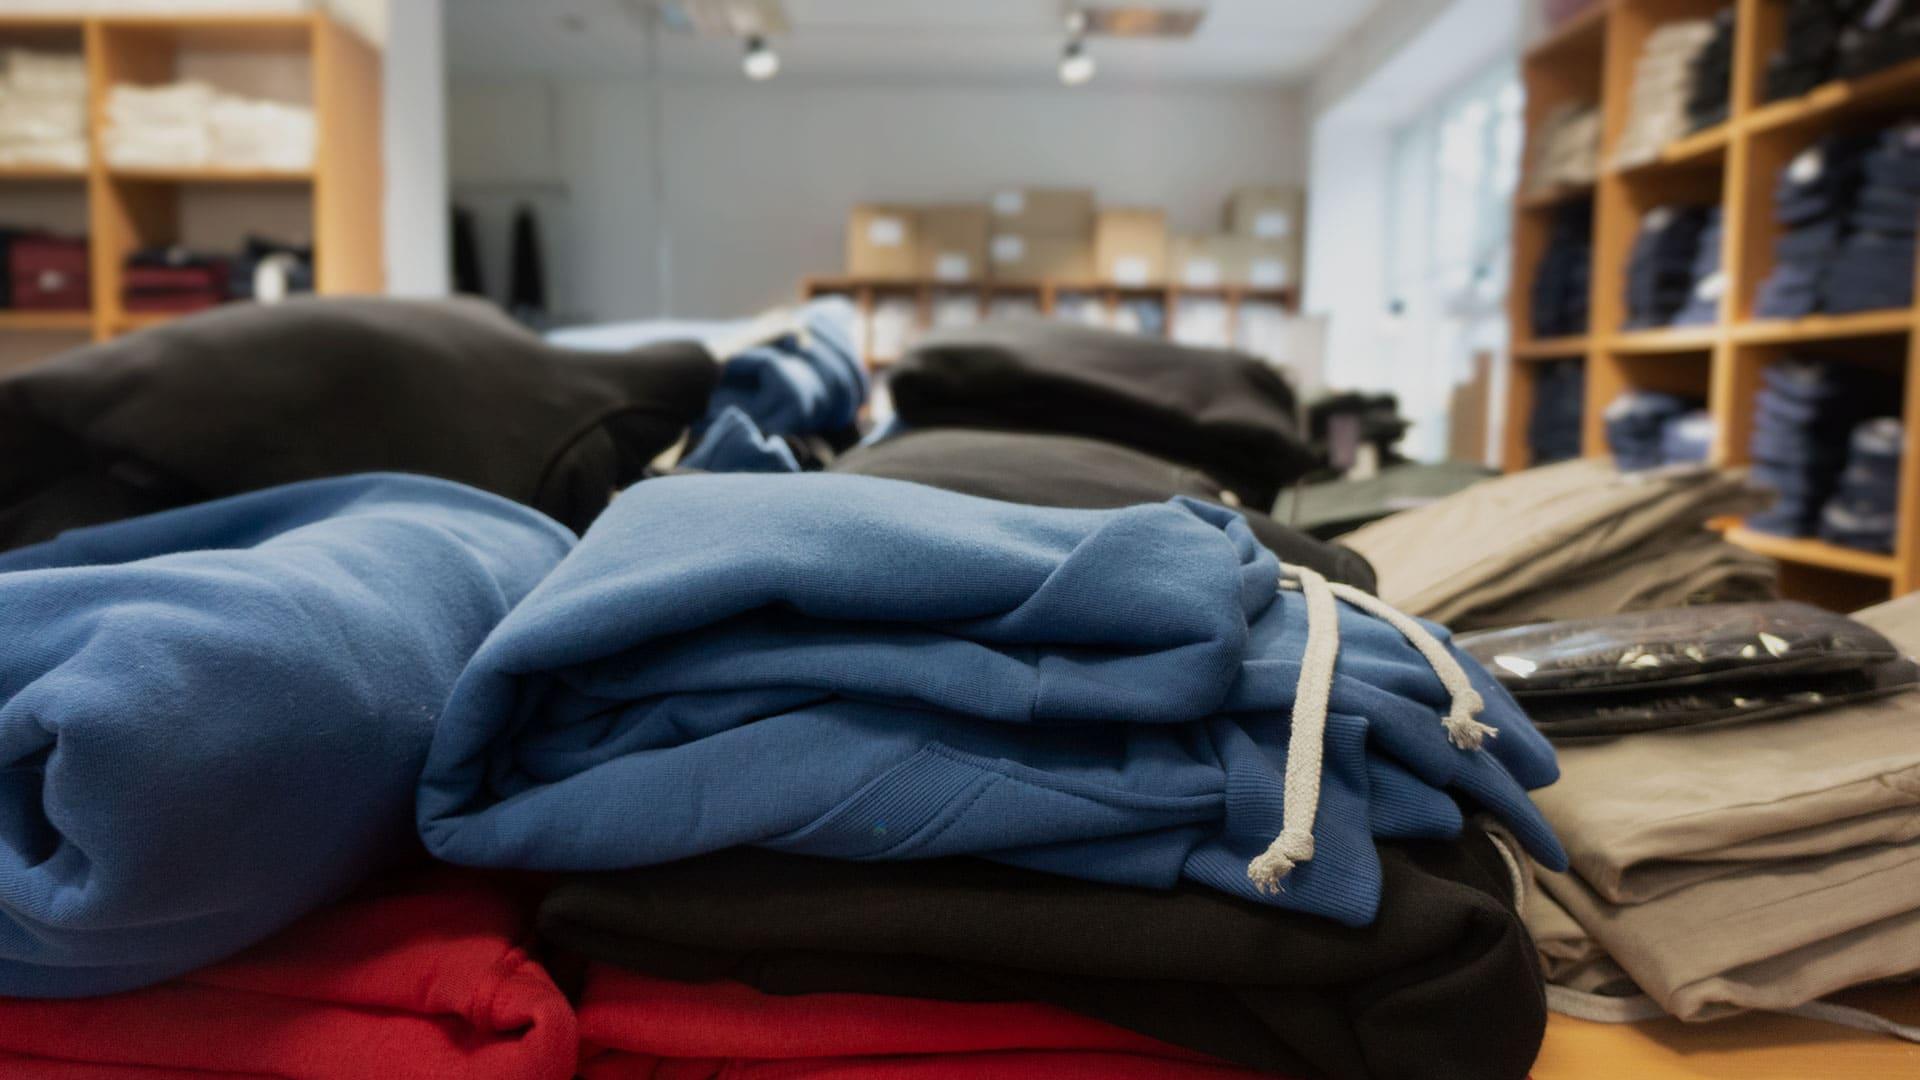 W sklepie Szczygła znajdziecie spodnie, ale też m.in. bluzy marki Afterki. Na zapleczu działa szwalnia, gdzie można zobaczyć, jak powstają sprzedawane ubrania. / Szwalnia Kraków.